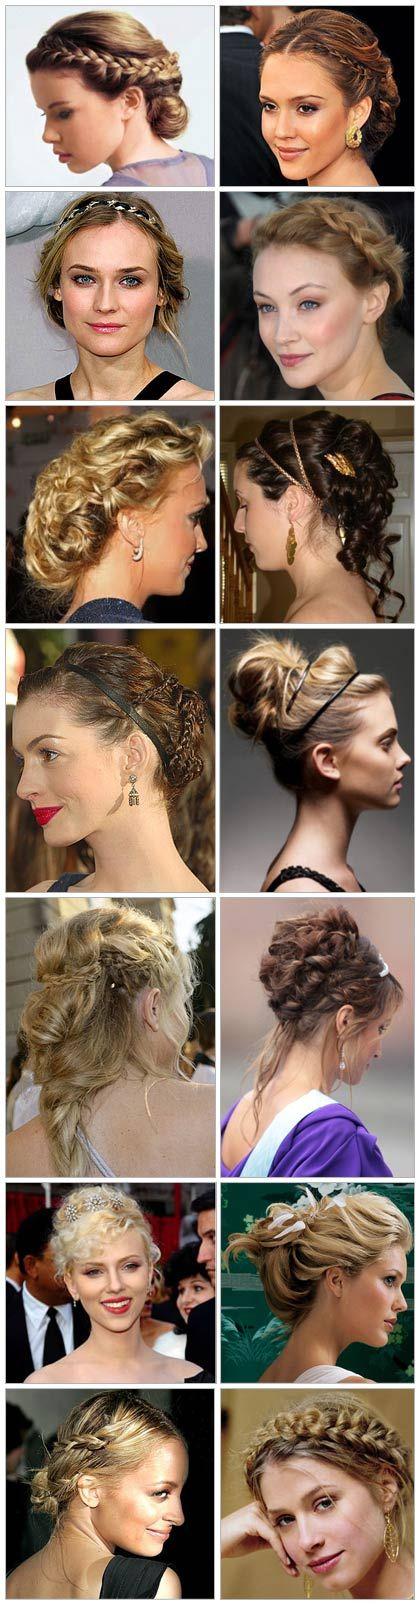 peinados-recogidos-estilo-griego-romano                                                                                                                                                                                 Más